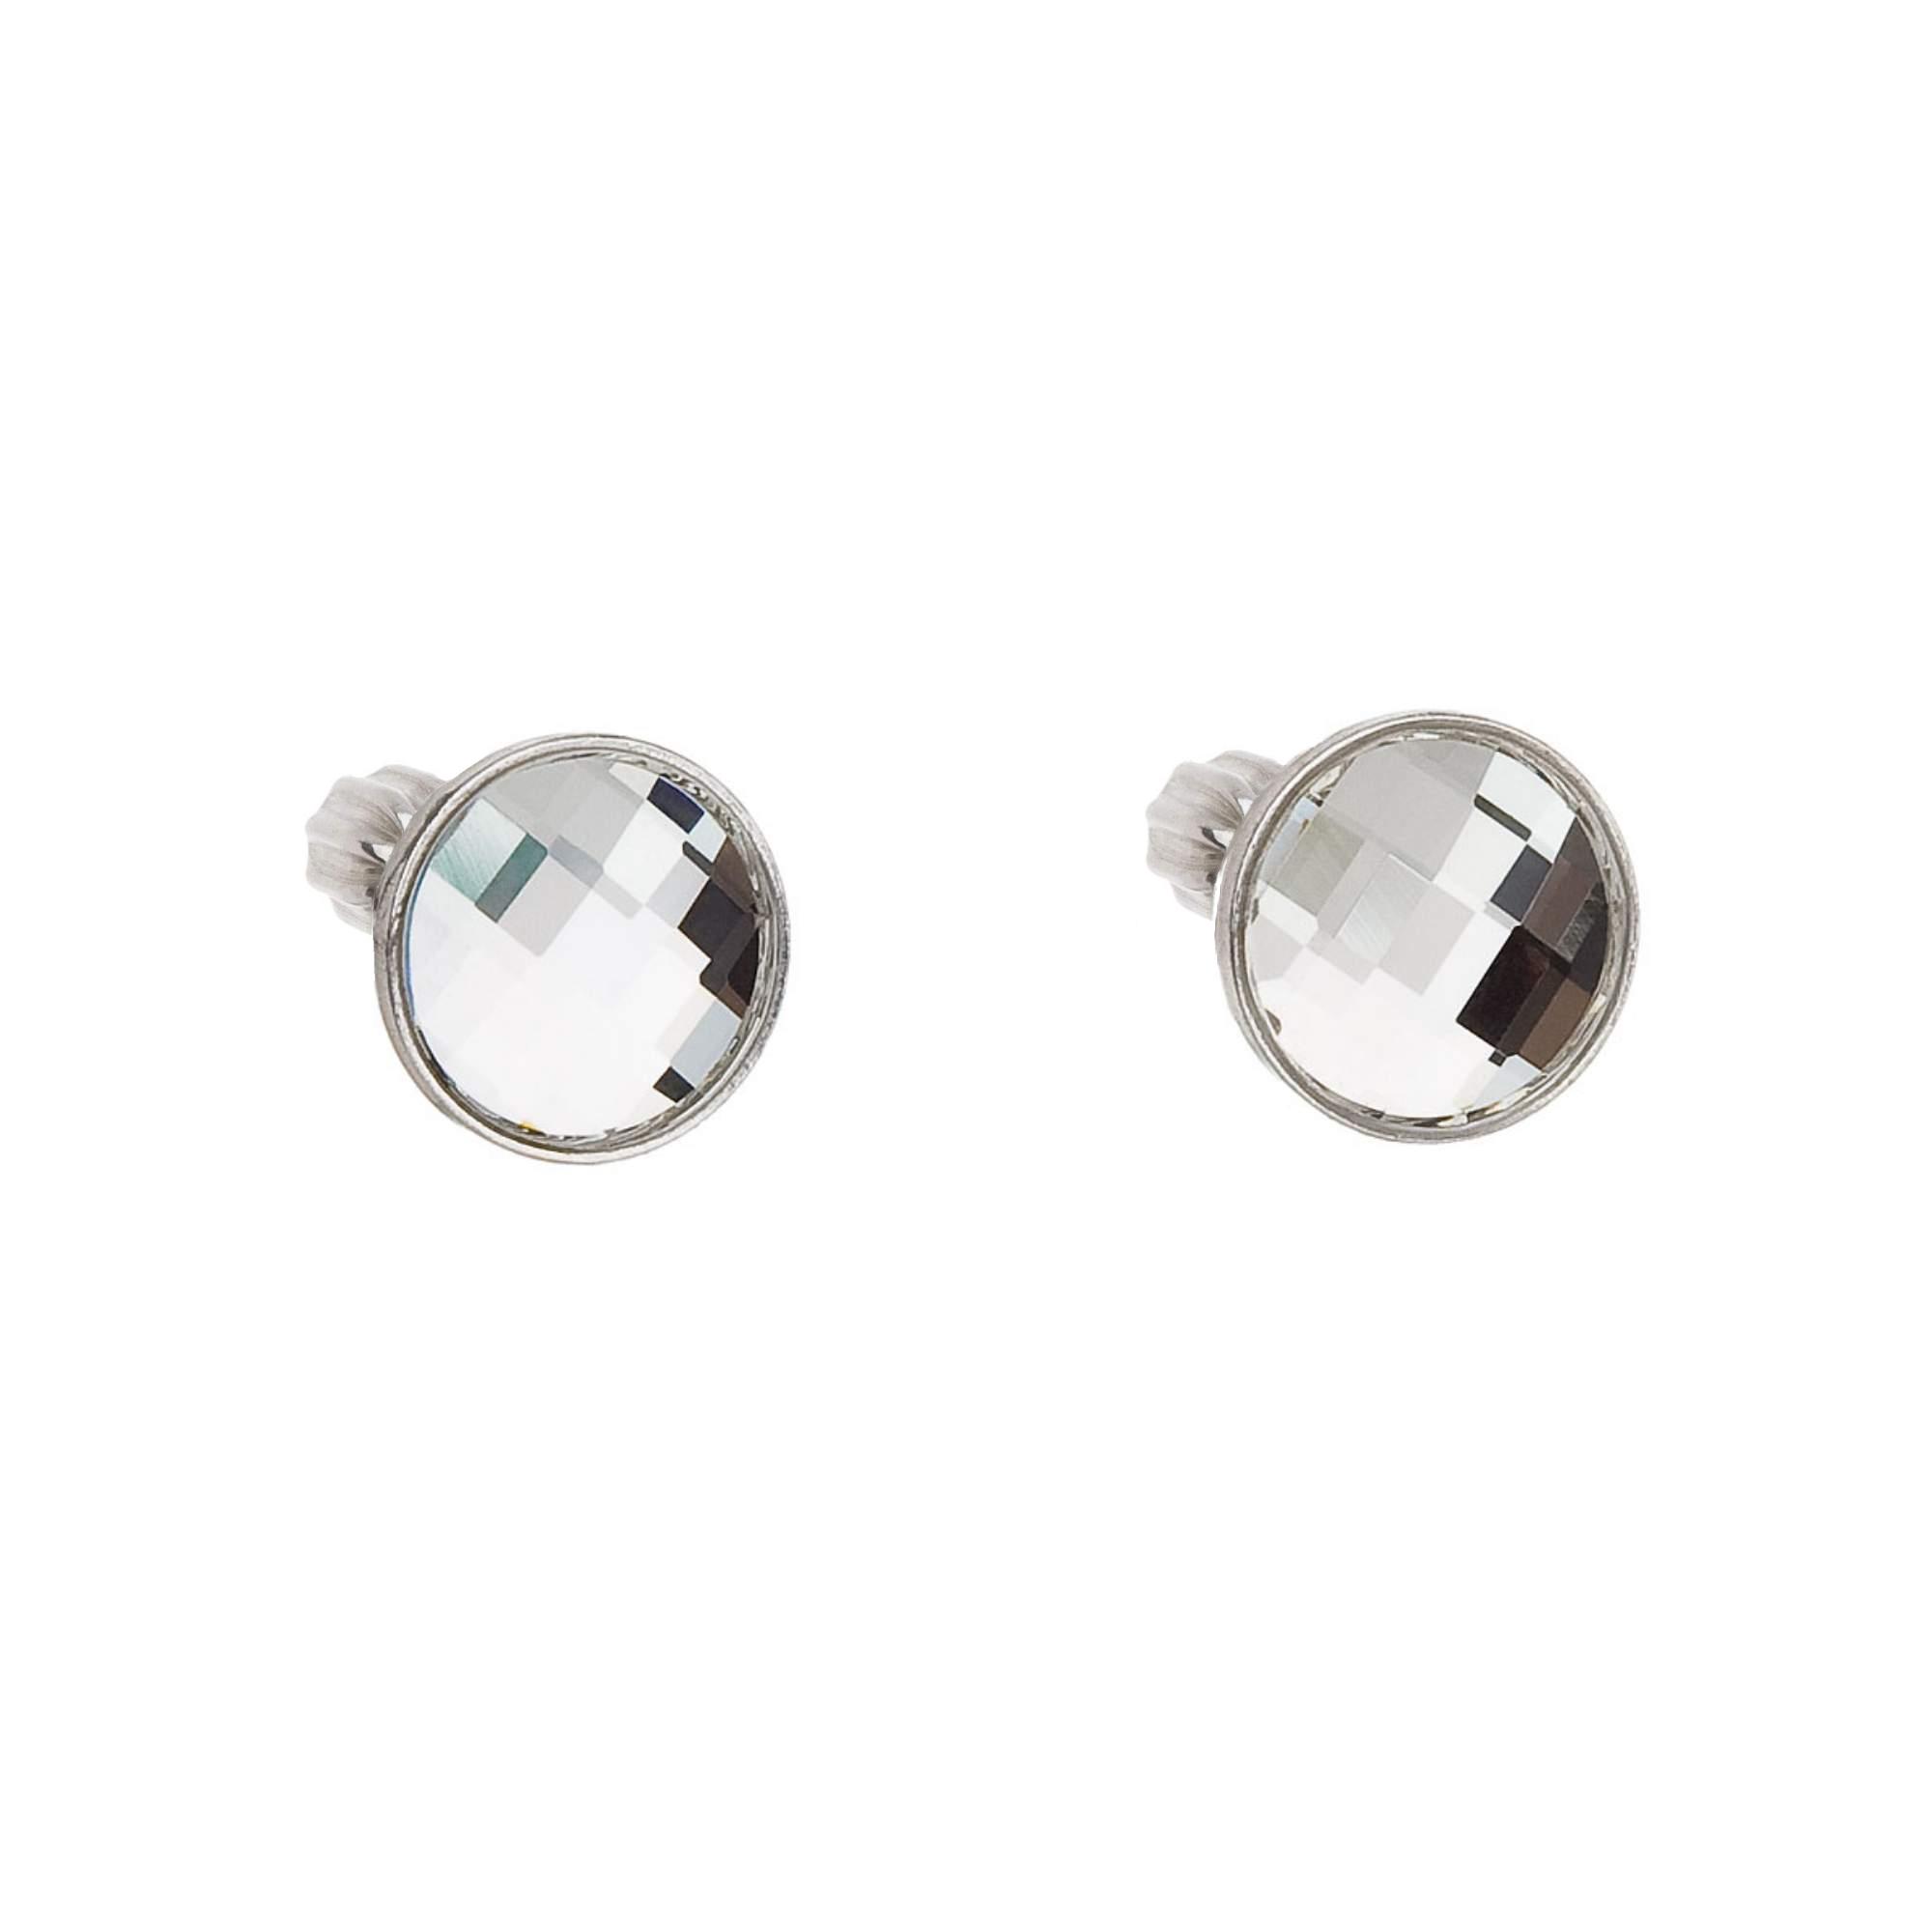 Evolution Group Stříbrné náušnice pecky s krystalem Swarovski bílé 71066.1 crystal